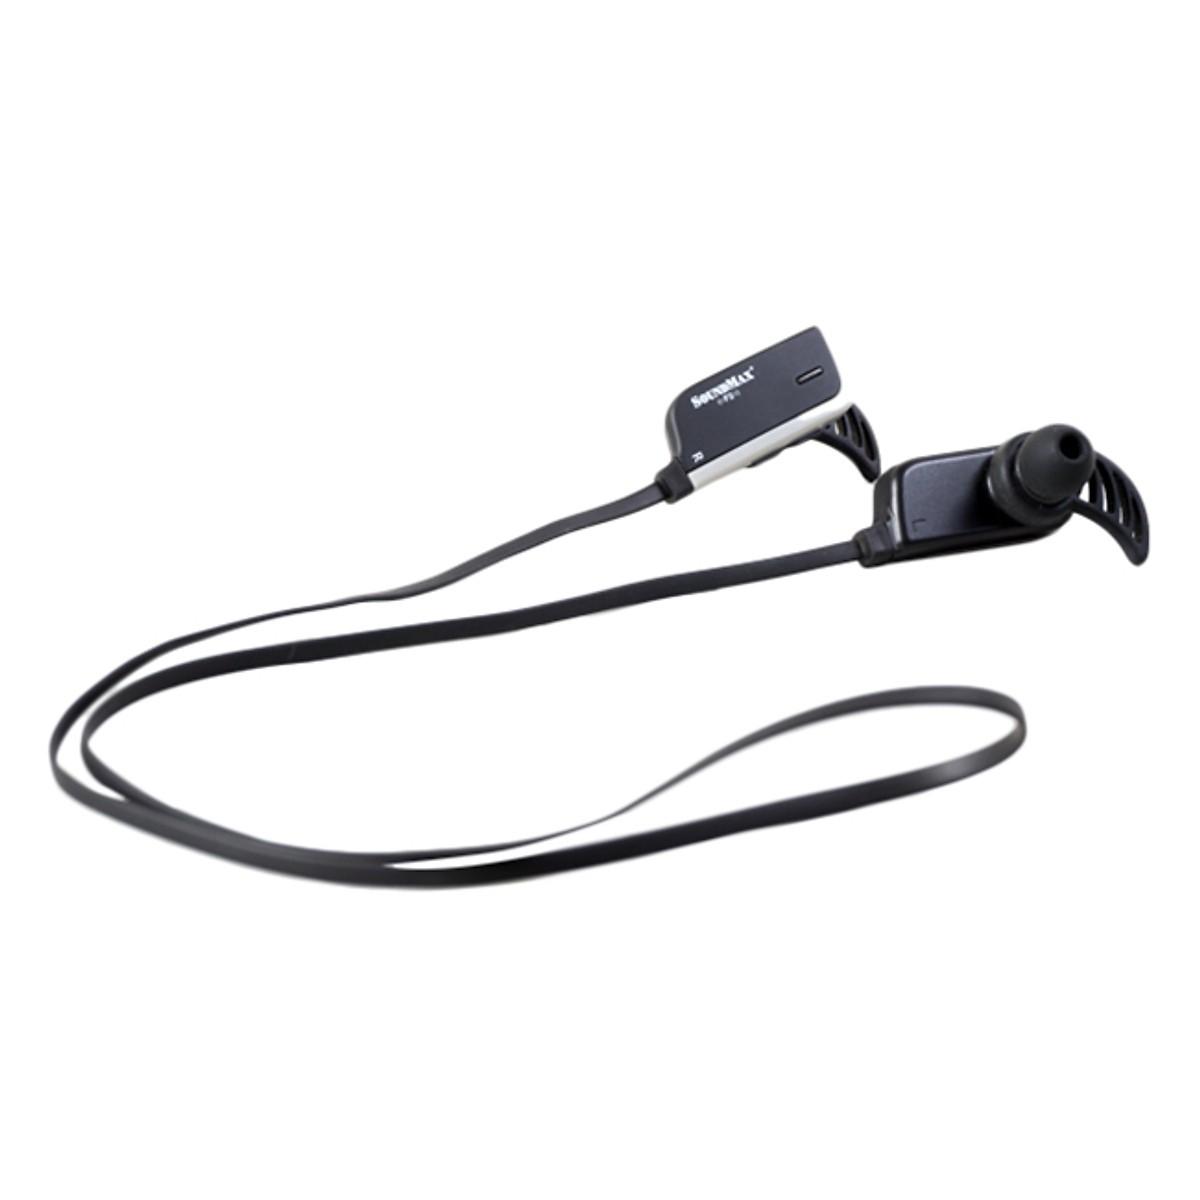 Tai Nghe Bluetooth Nhét Tai SoundMax F2/4.0 TG - Hàng Chính Hãng